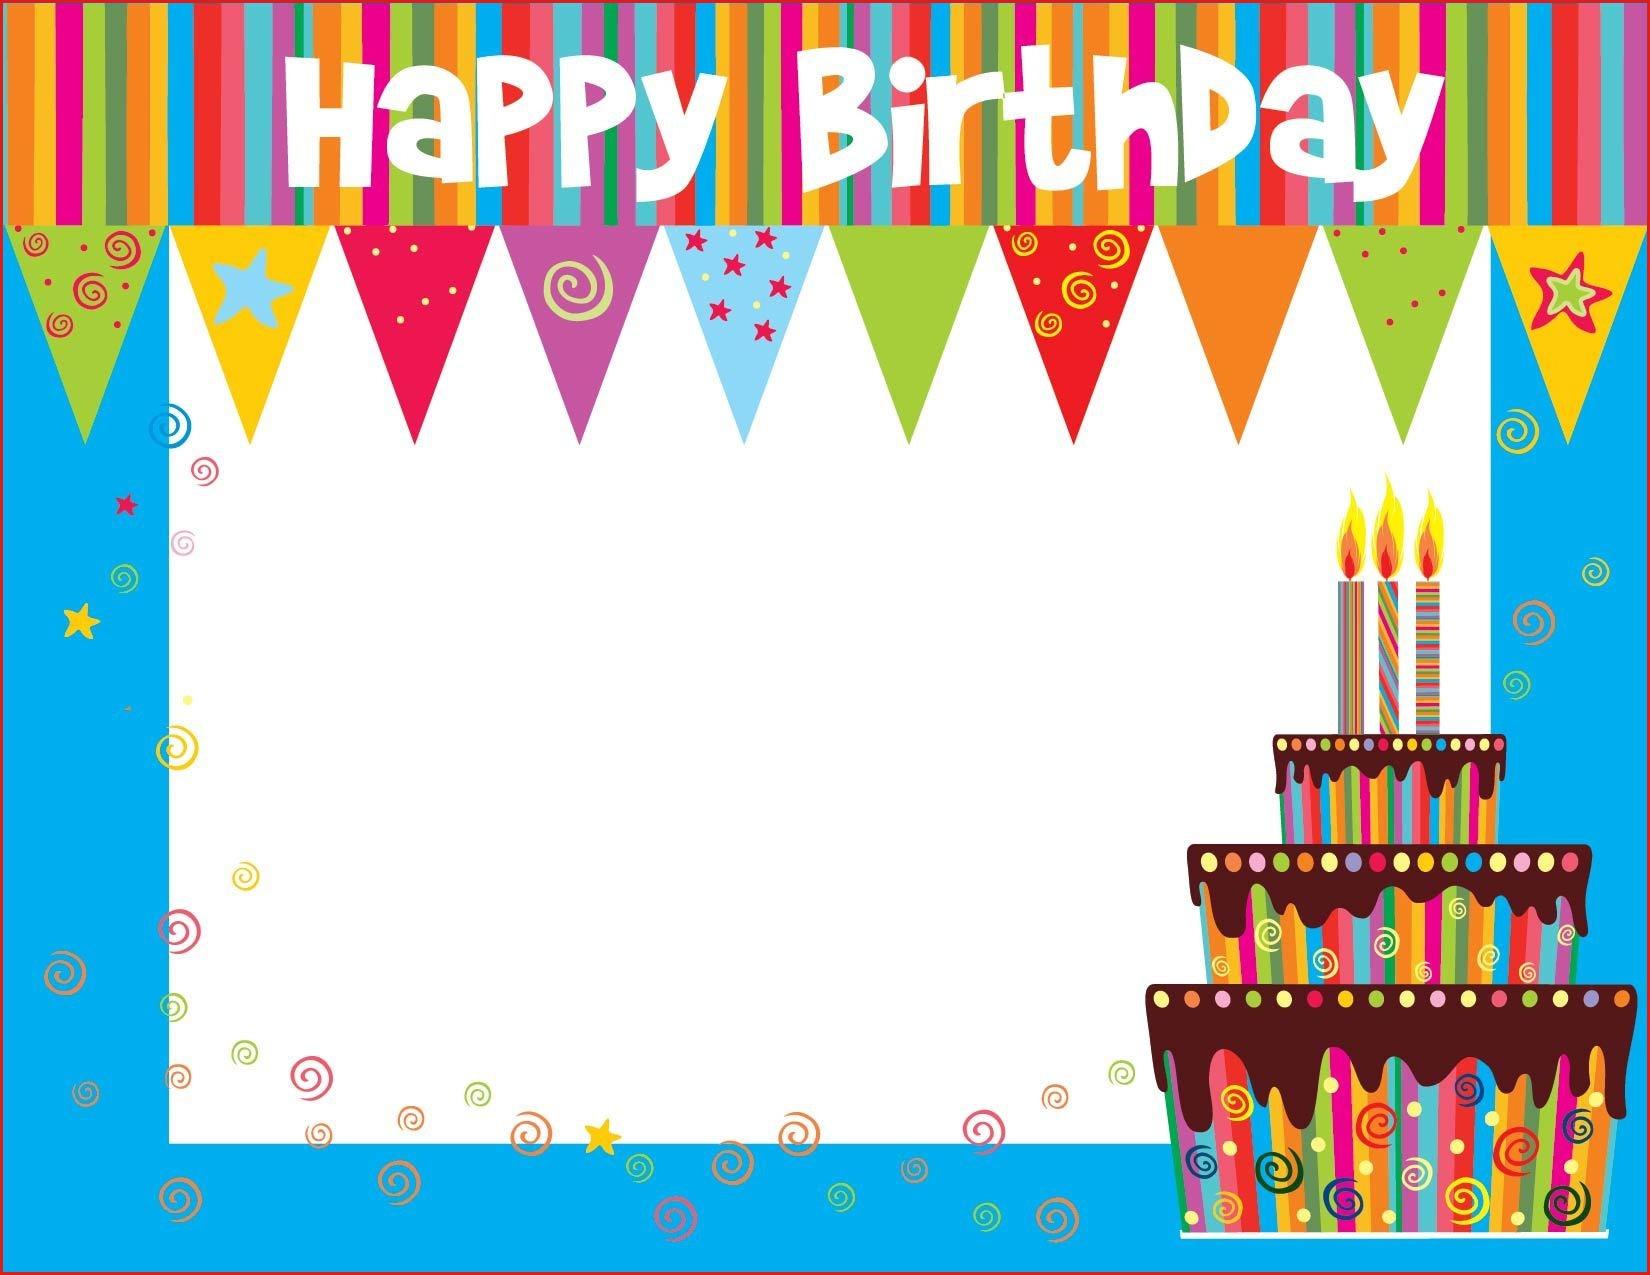 Make A Printable Birthday Card Free Printable Birthday Cards For - Free Printable Birthday Cards For Kids